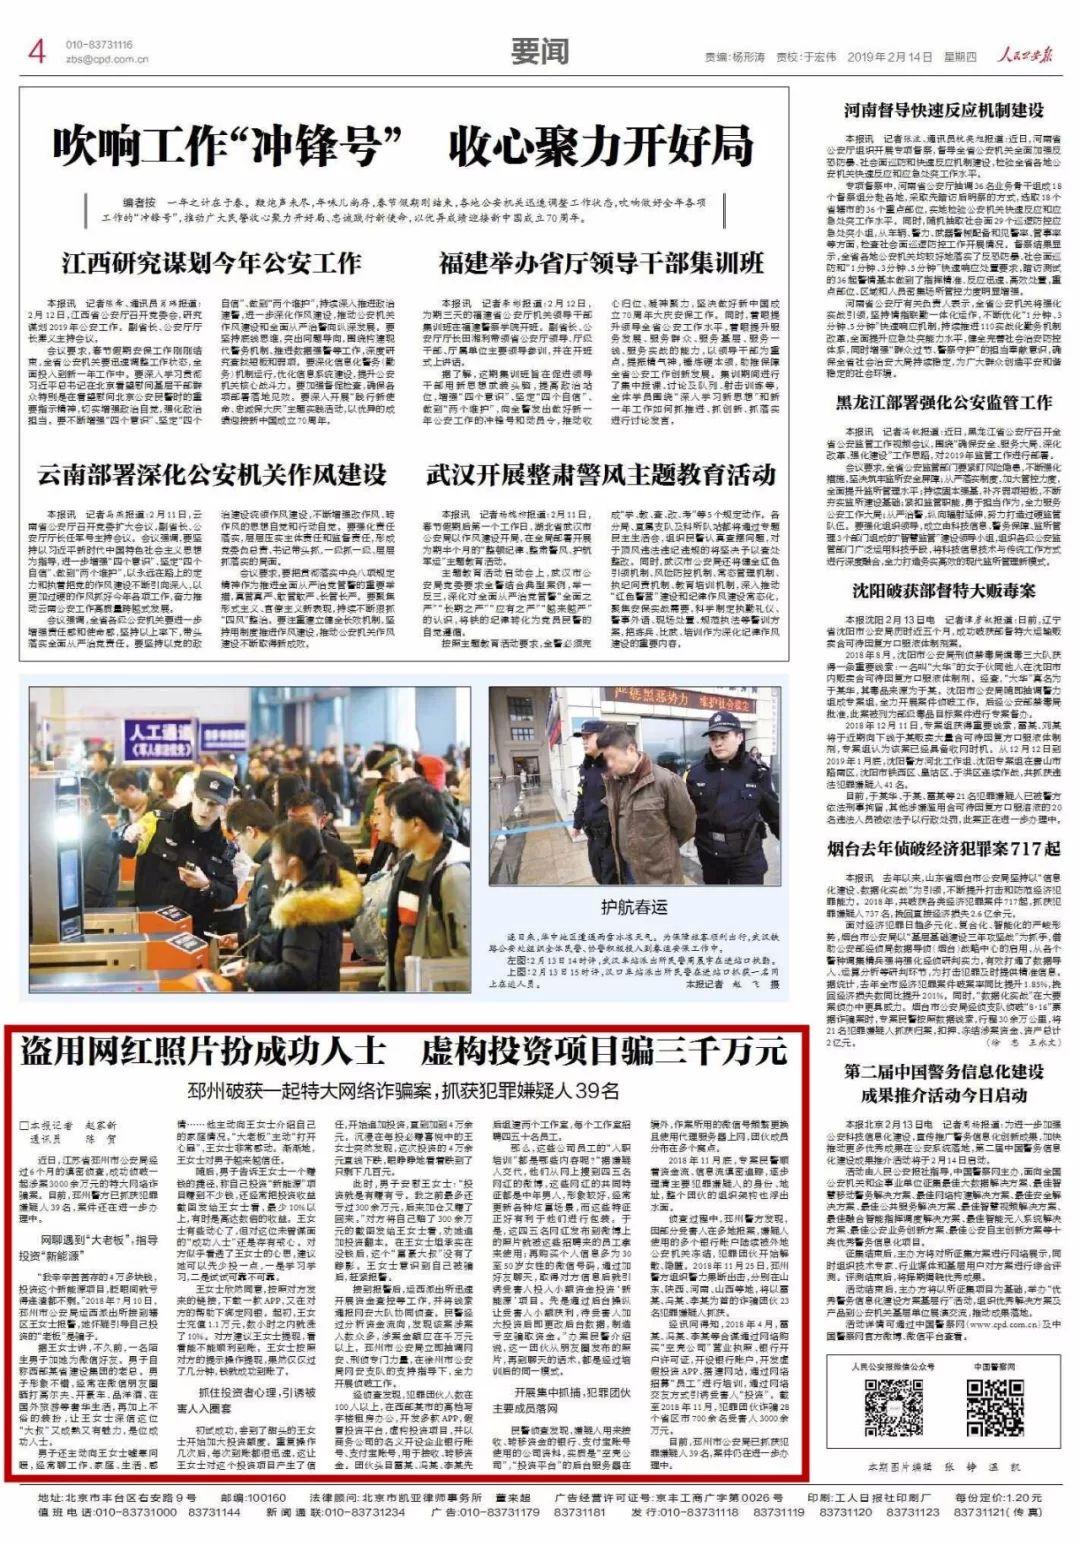 邳州破获特大诈骗案:盗用照片扮成功人士,虚构项目骗三千万